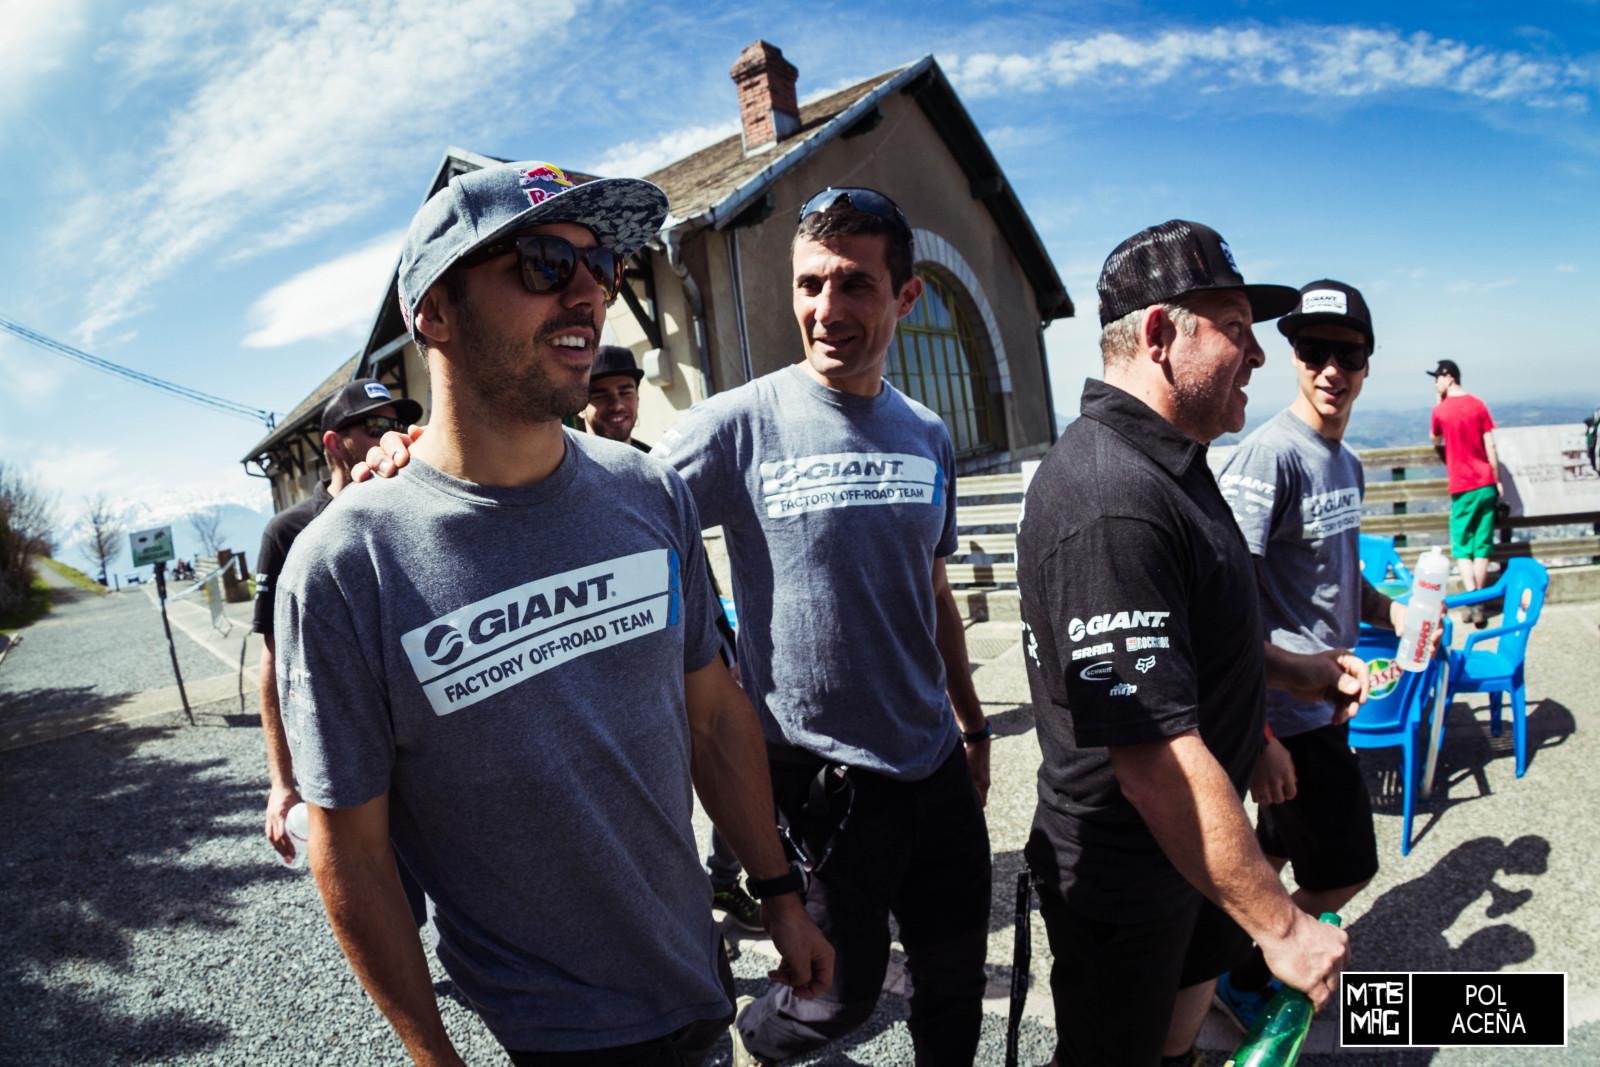 Marcelo, Oscar Saiz y Alex Marin, llegando a la salida del circuito.